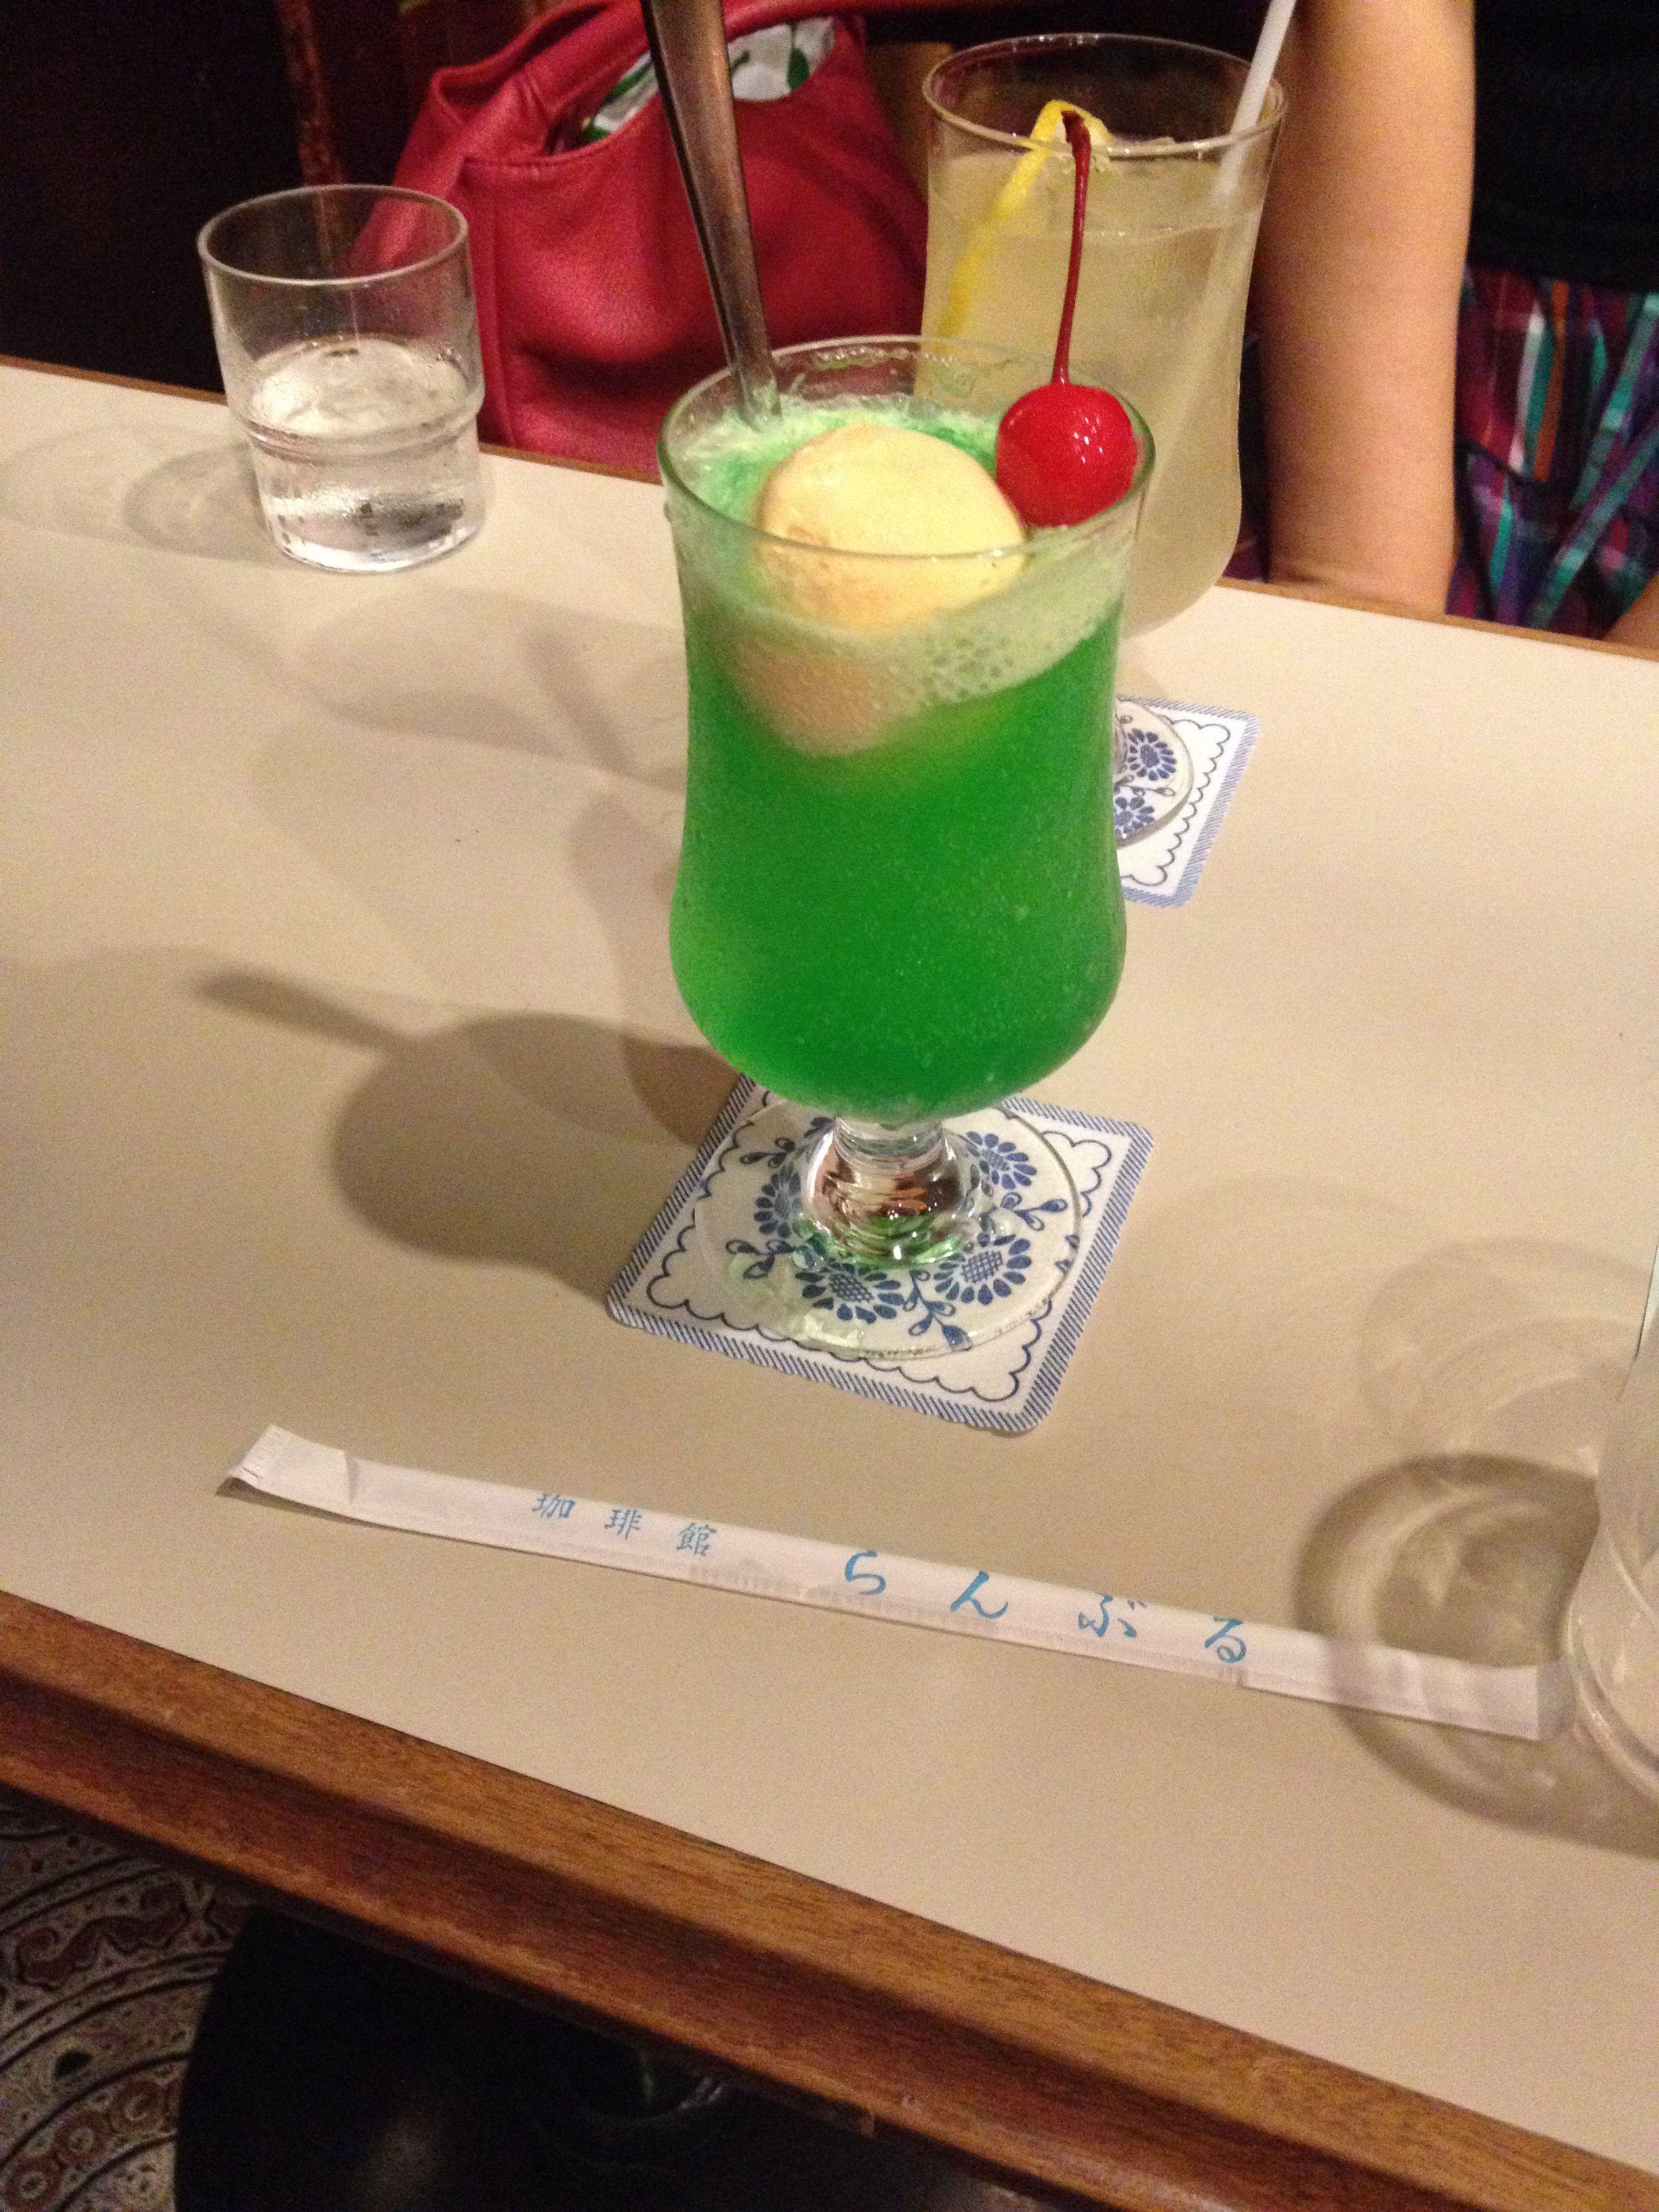 新宿 喫茶店らんぶるのクリームソーダ クリームソーダ 喫茶店 メニュー 新宿 喫茶店